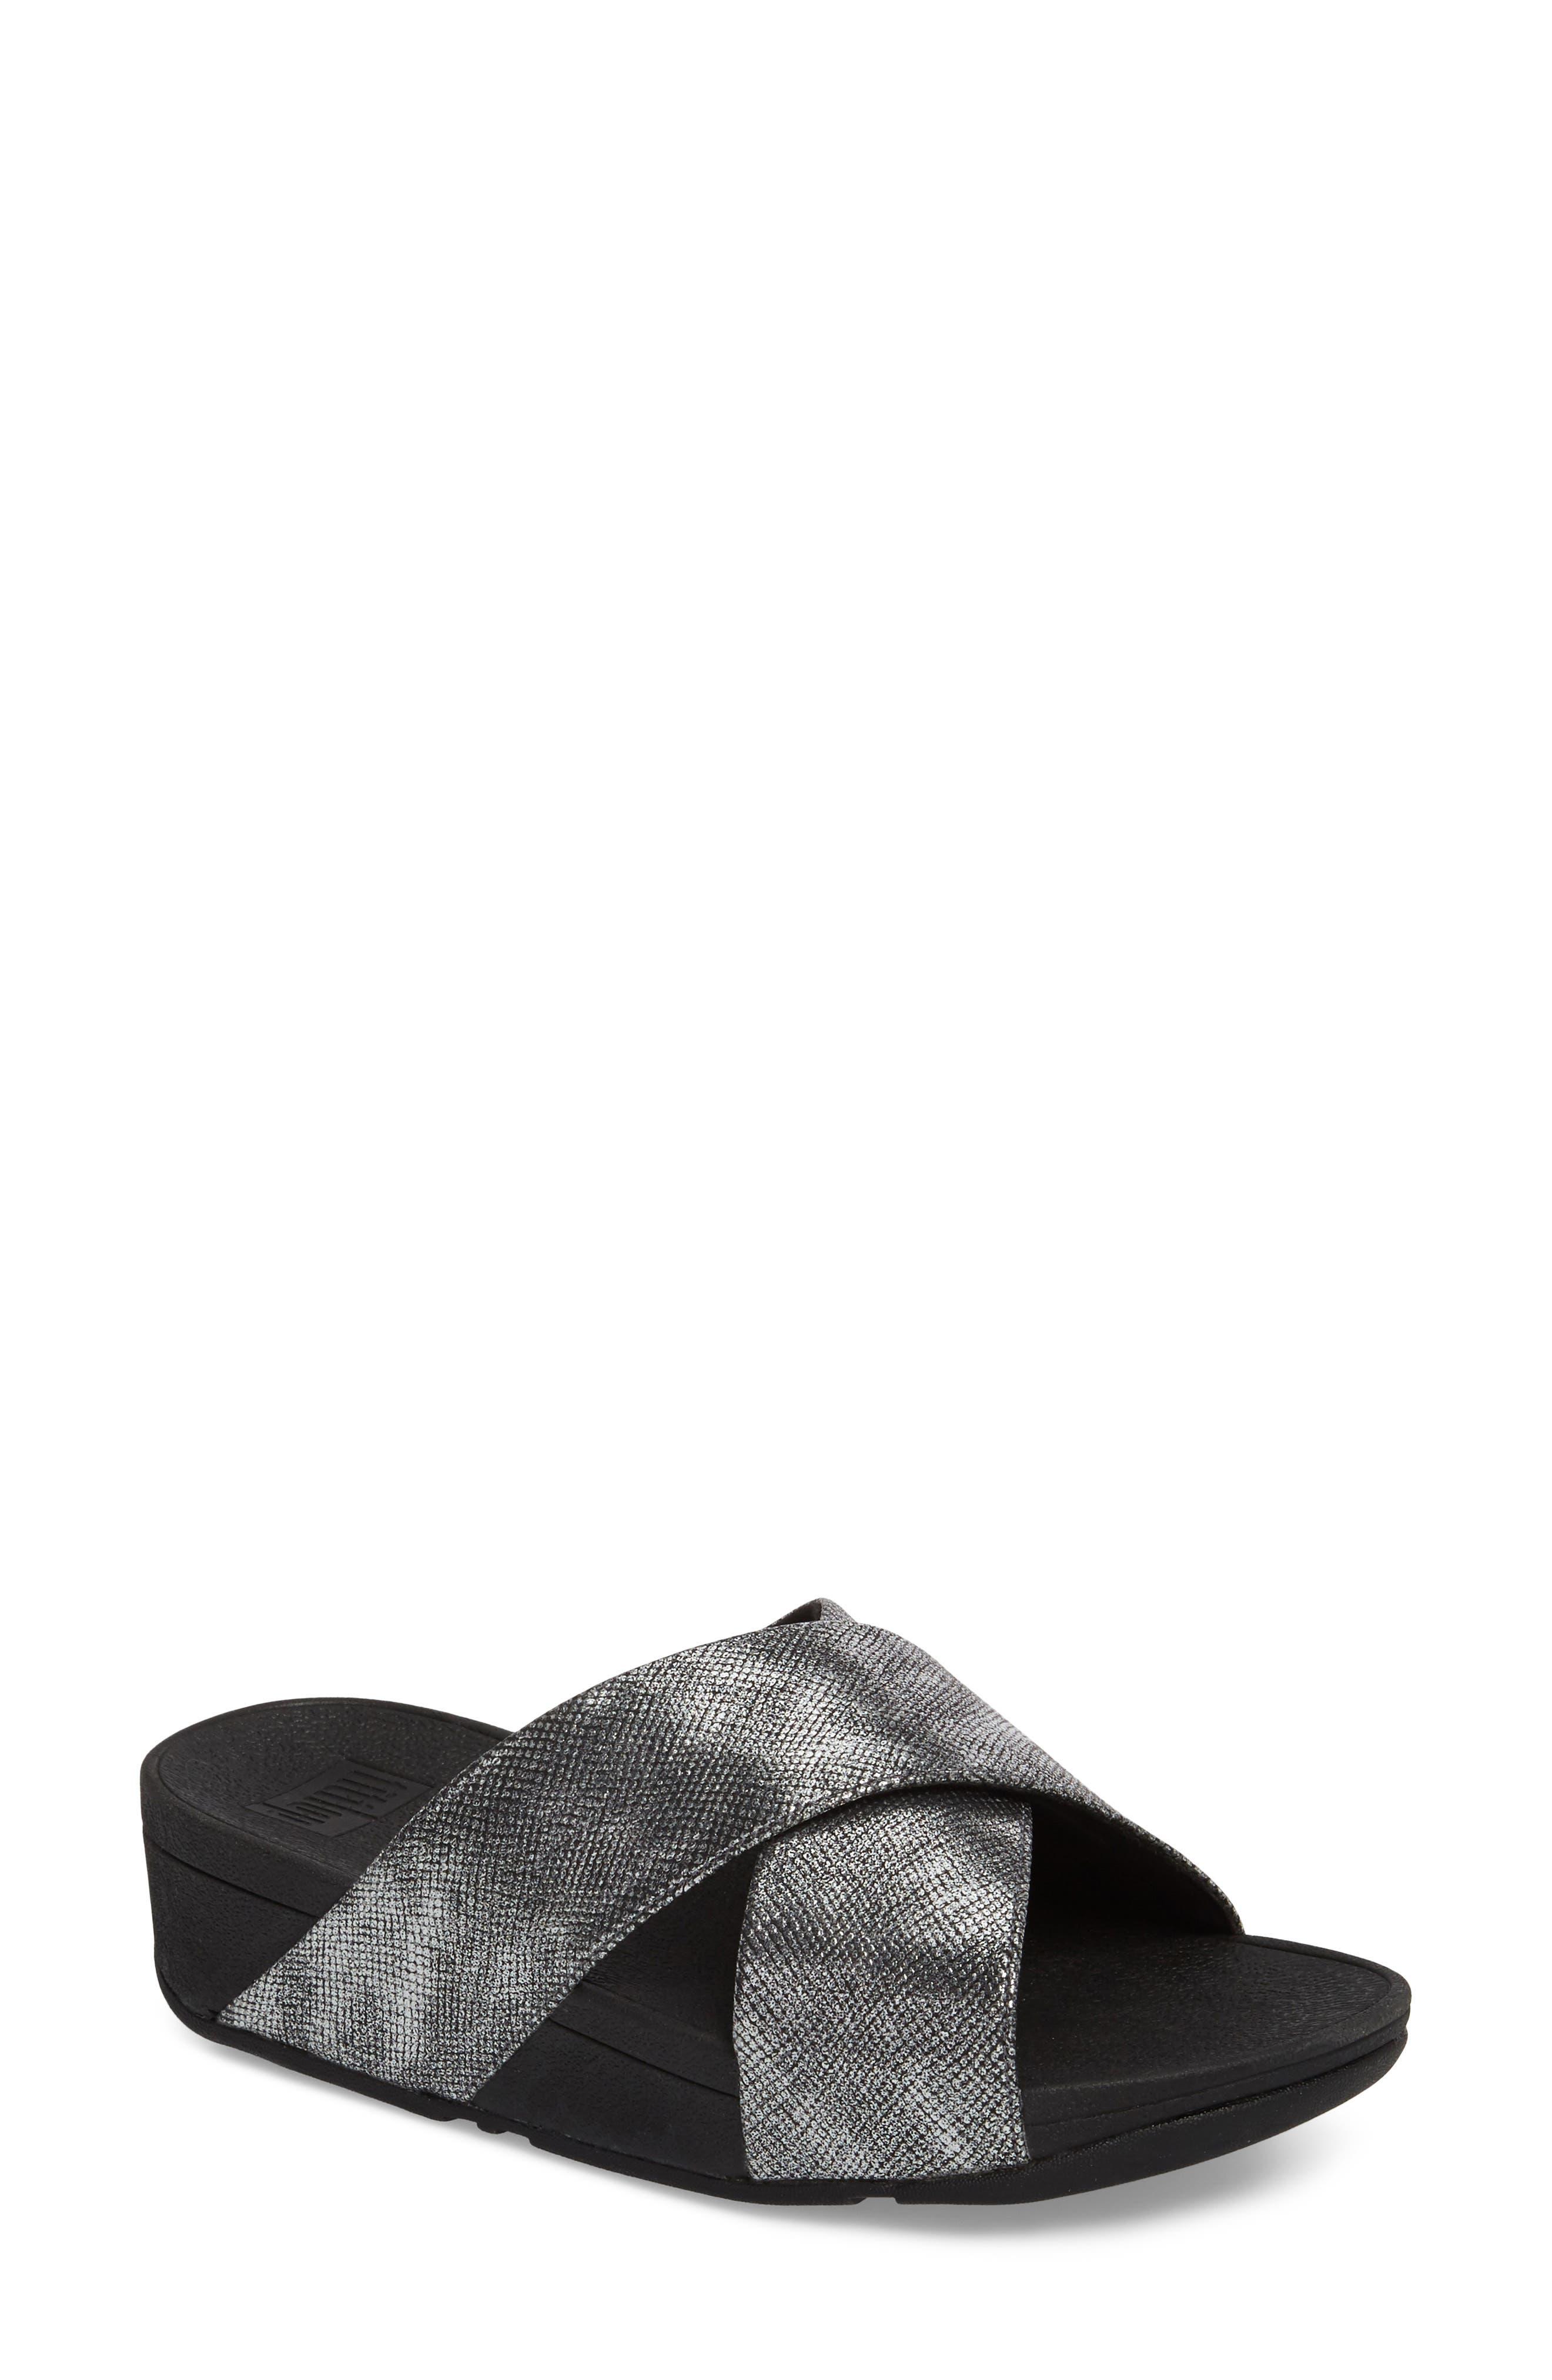 Lulu Cross Slide Sandal,                         Main,                         color, BLACK SHIMMER PRINT